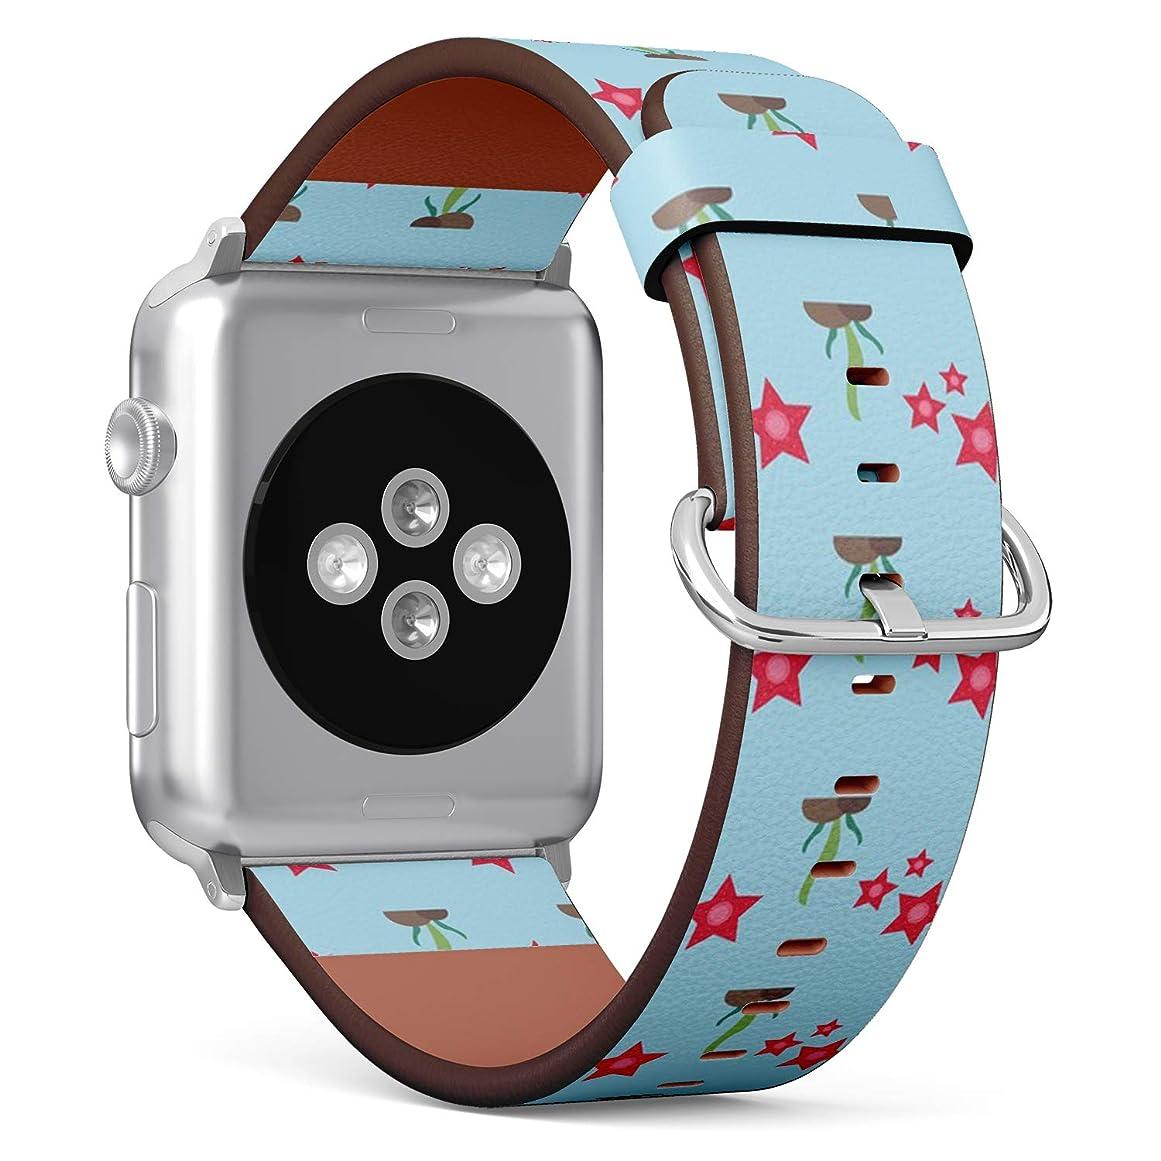 マトンである寛容コンパチブル Apple Watch iWatch 42mm & 44mm - 本革レザーストラップ, 向けのバンド交換ストラップです コンパチブル アップルウォッチ バンド (海洋のテーマ)